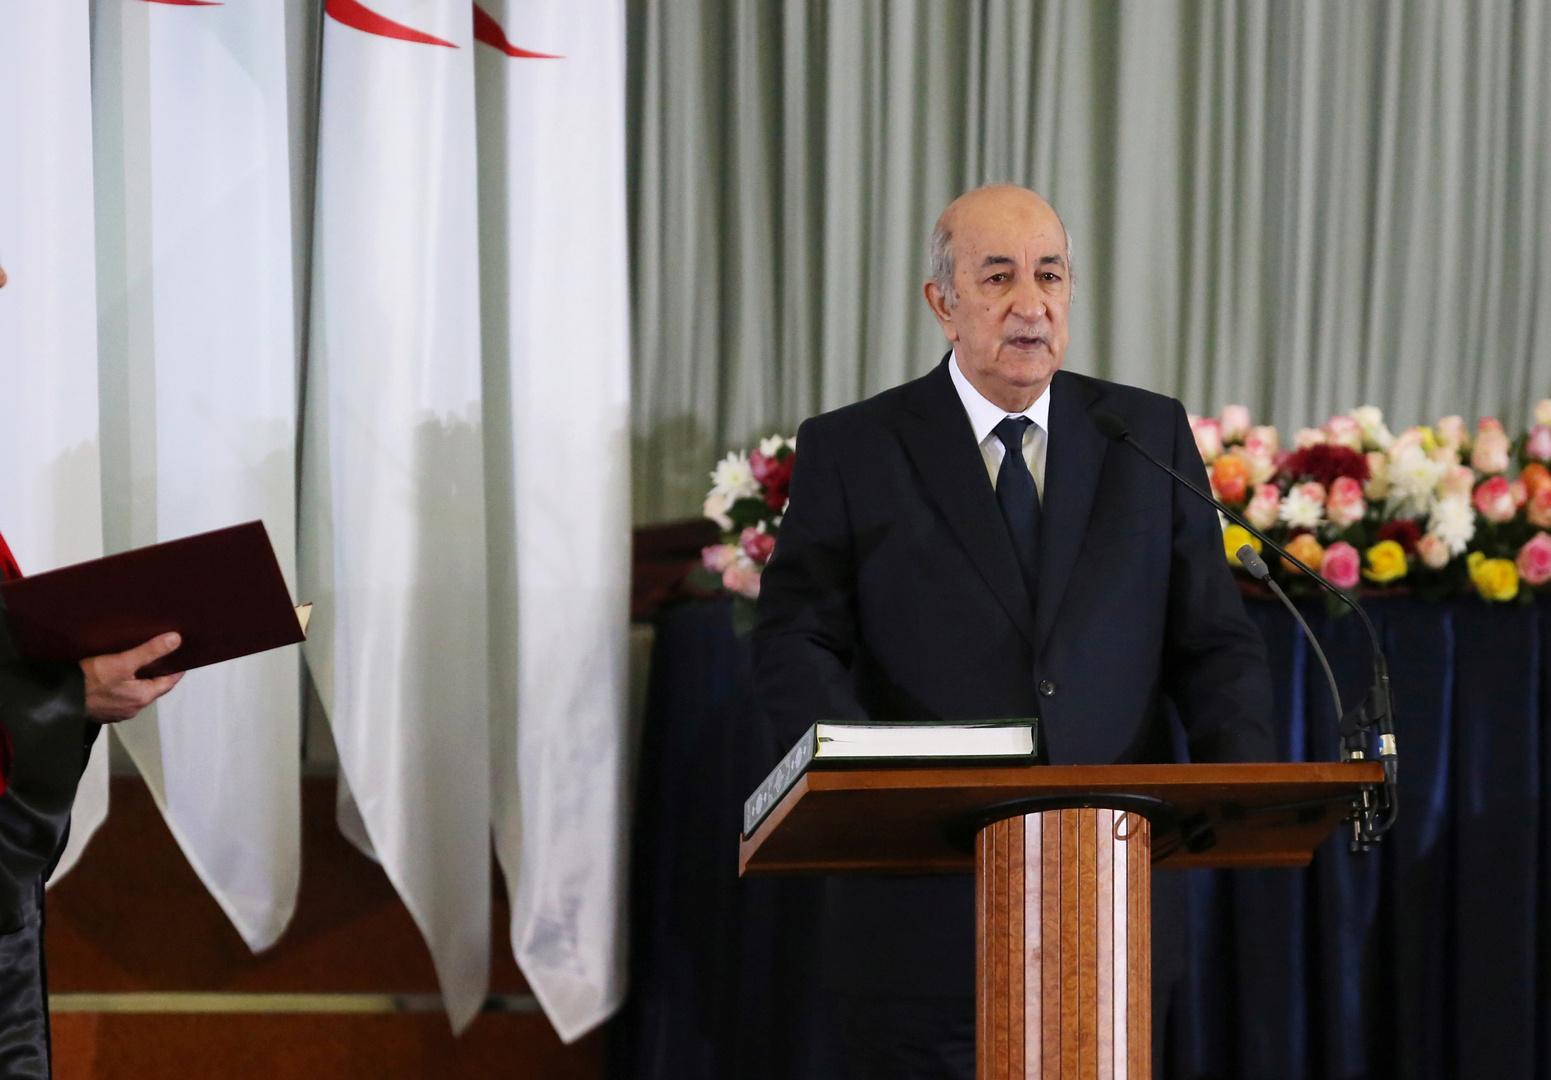 تبون يوضح موقفه من الوضع في ليبيا والعلاقات الجزائرية - المغربية